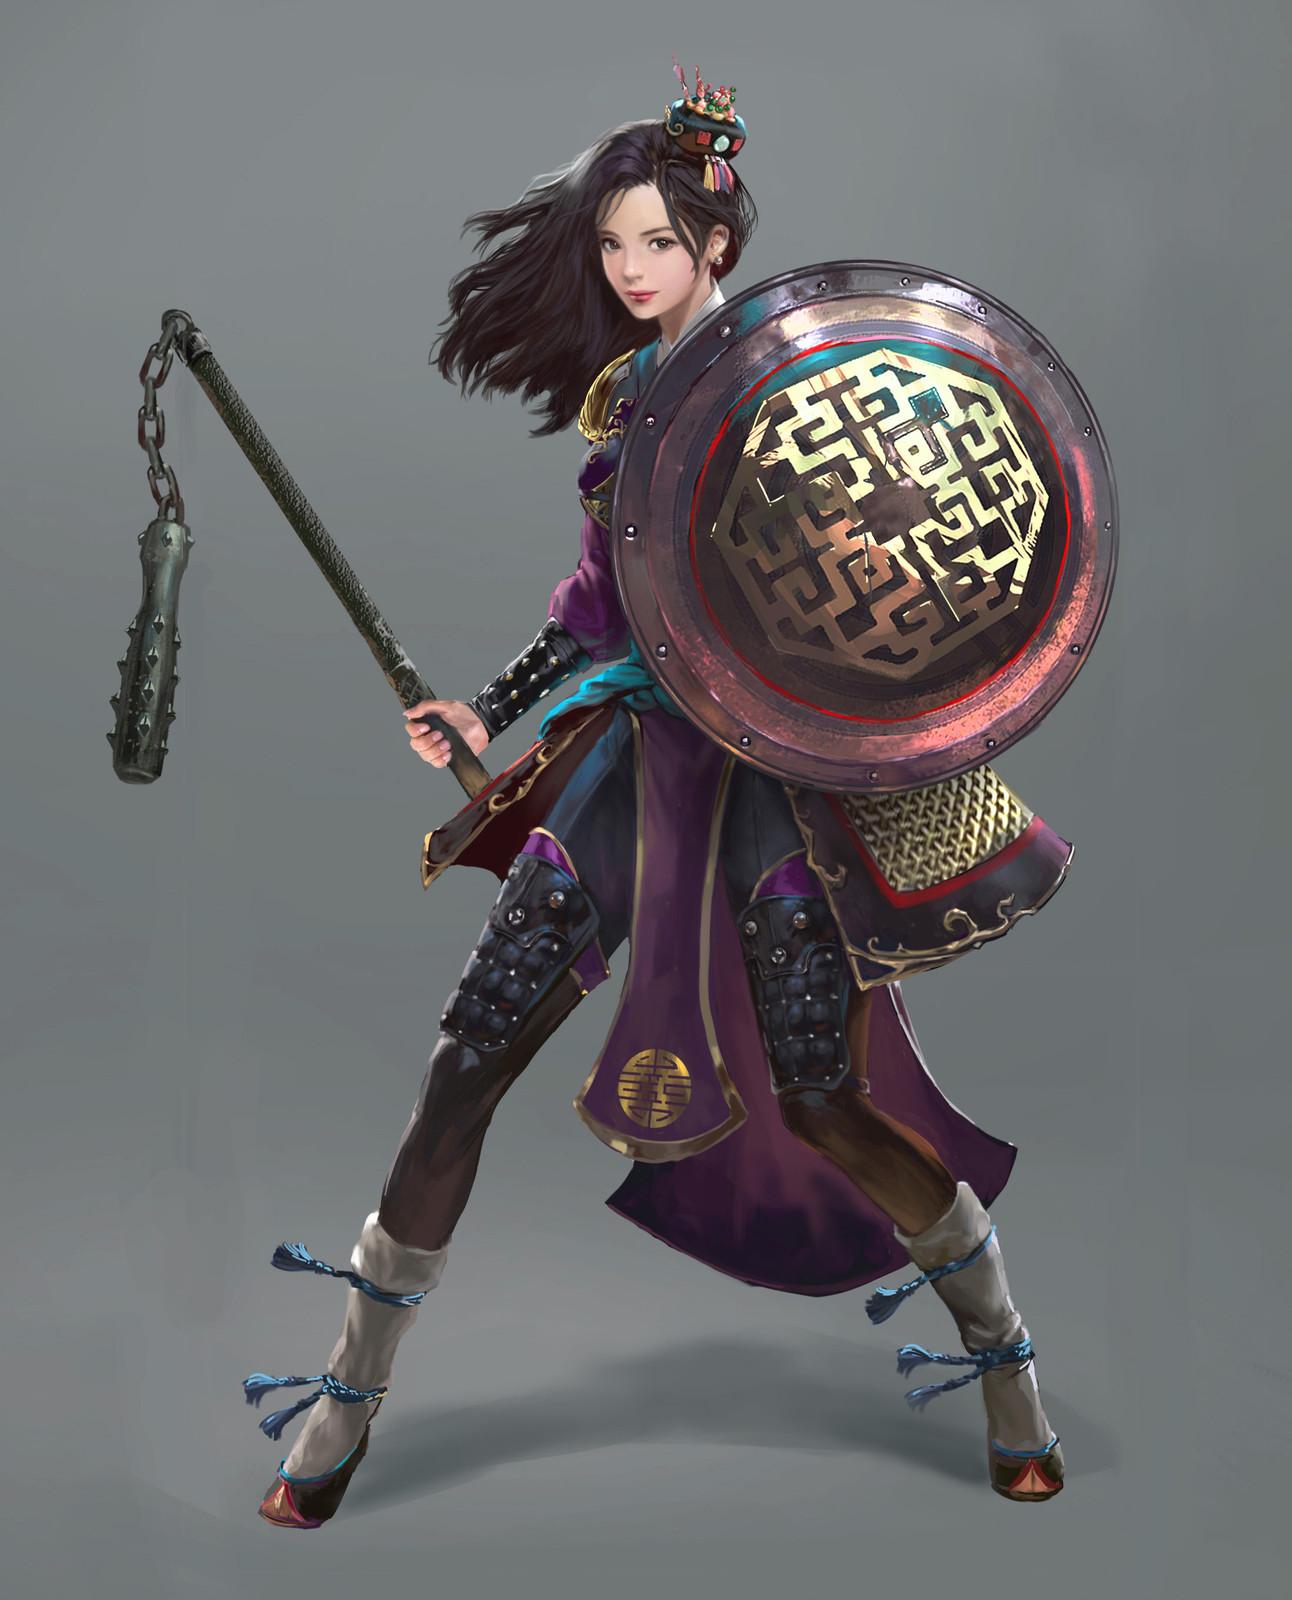 1292x1600 Asian Warrior Girl, Jin Hong Park On Artstation